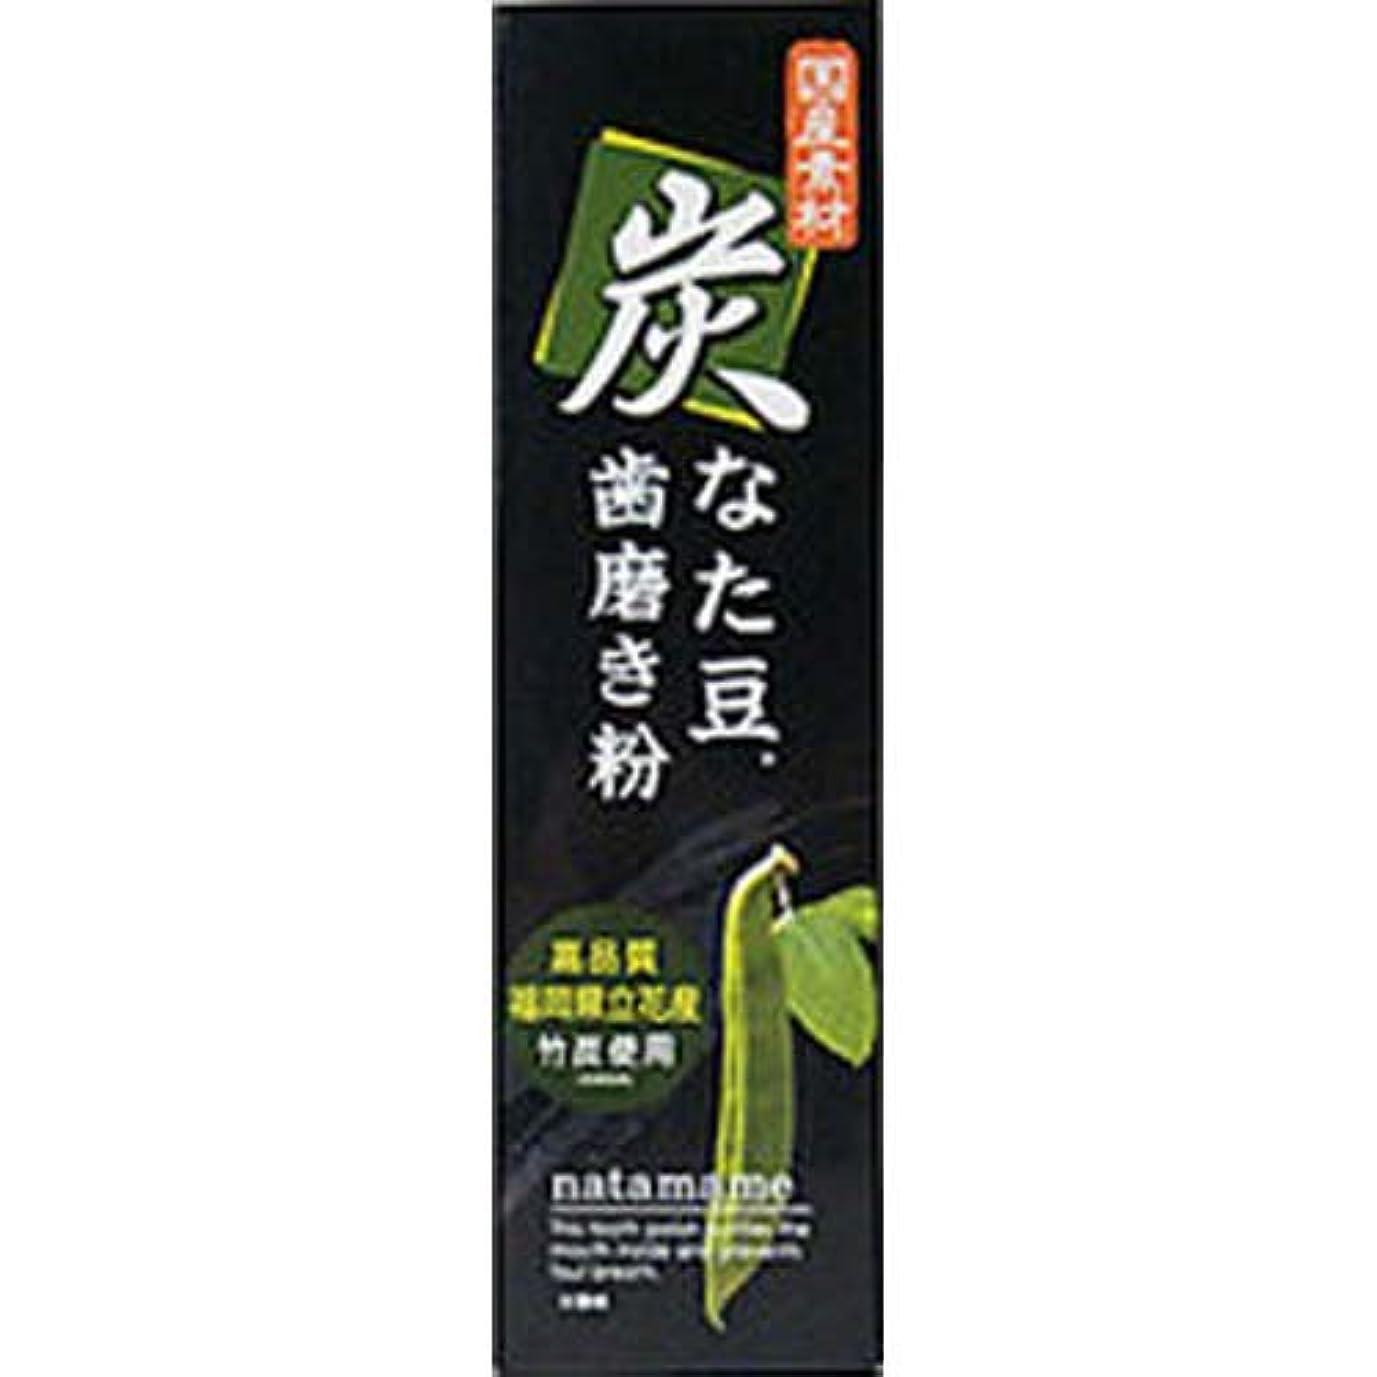 提出するパケット宗教的な炭なた豆歯磨き粉 120g